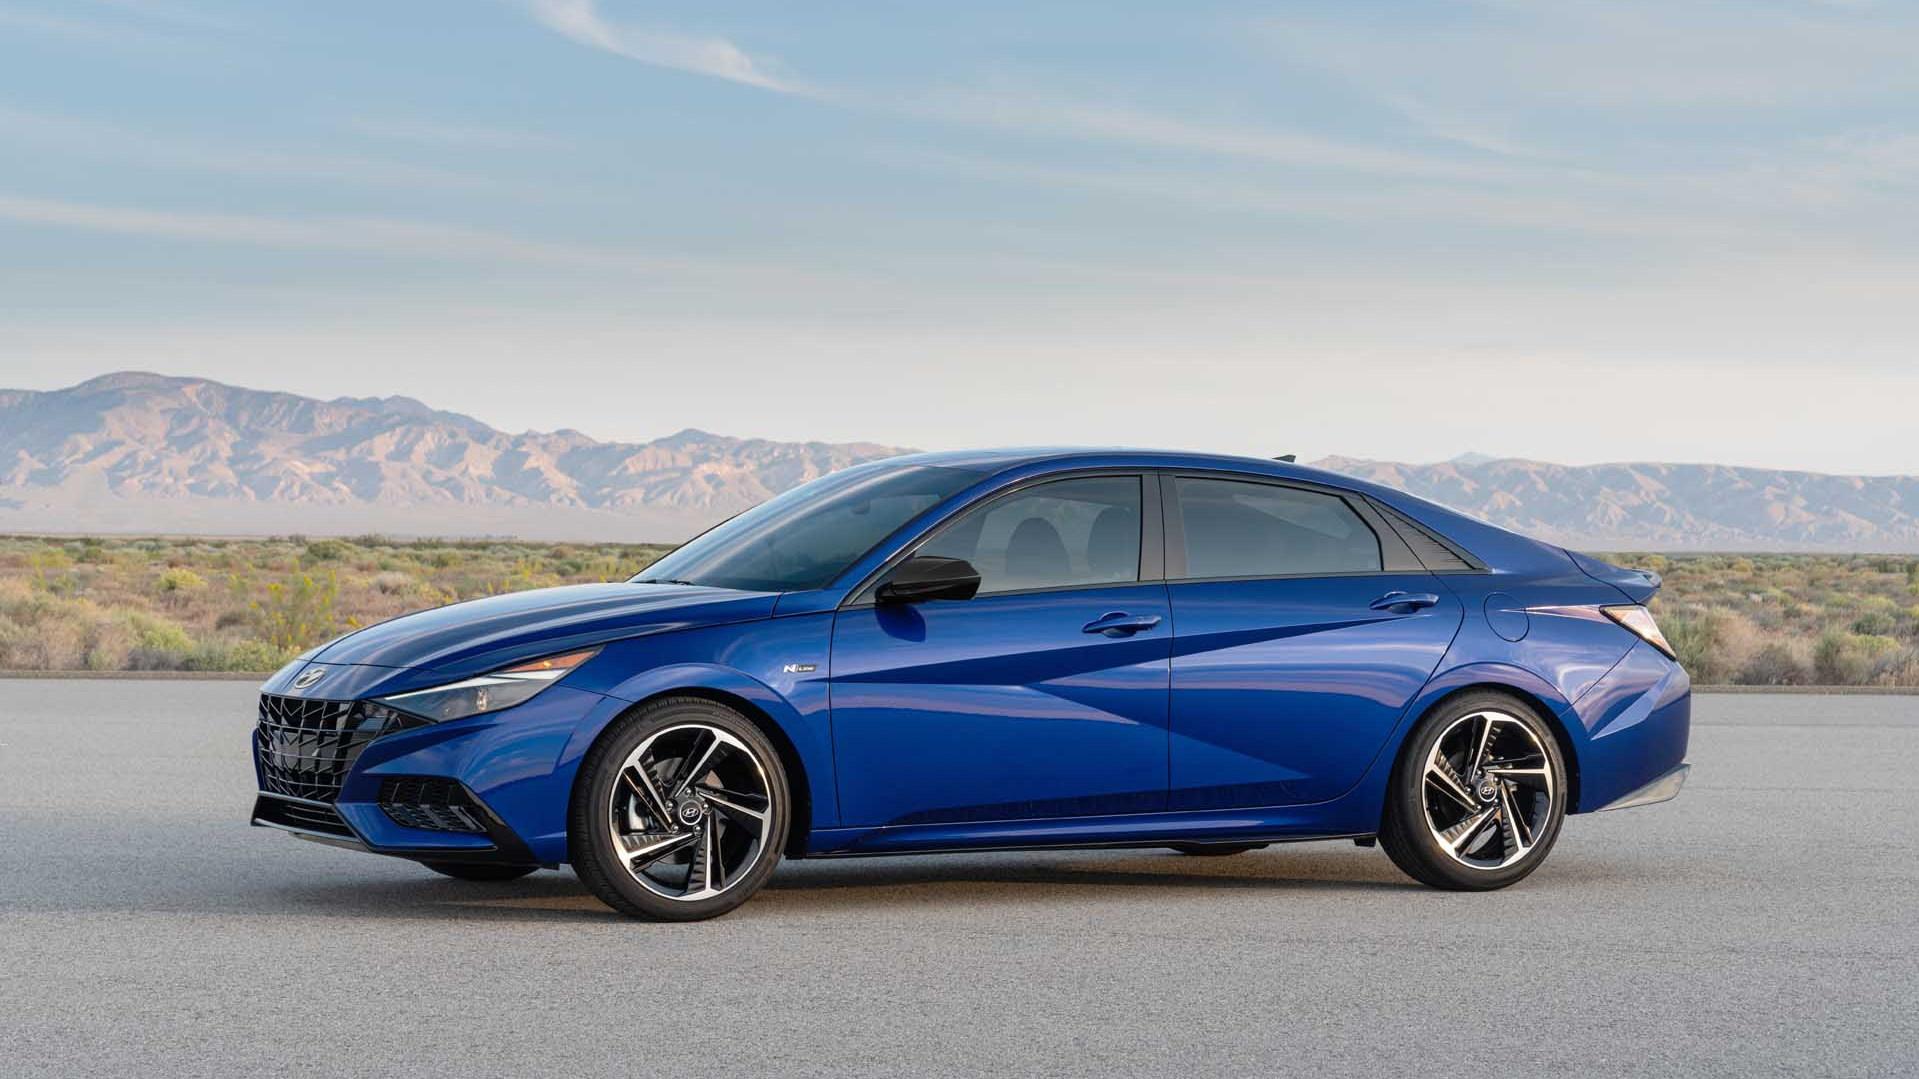 2021 Hyundai Elantra N Line aims for fun at $25,095